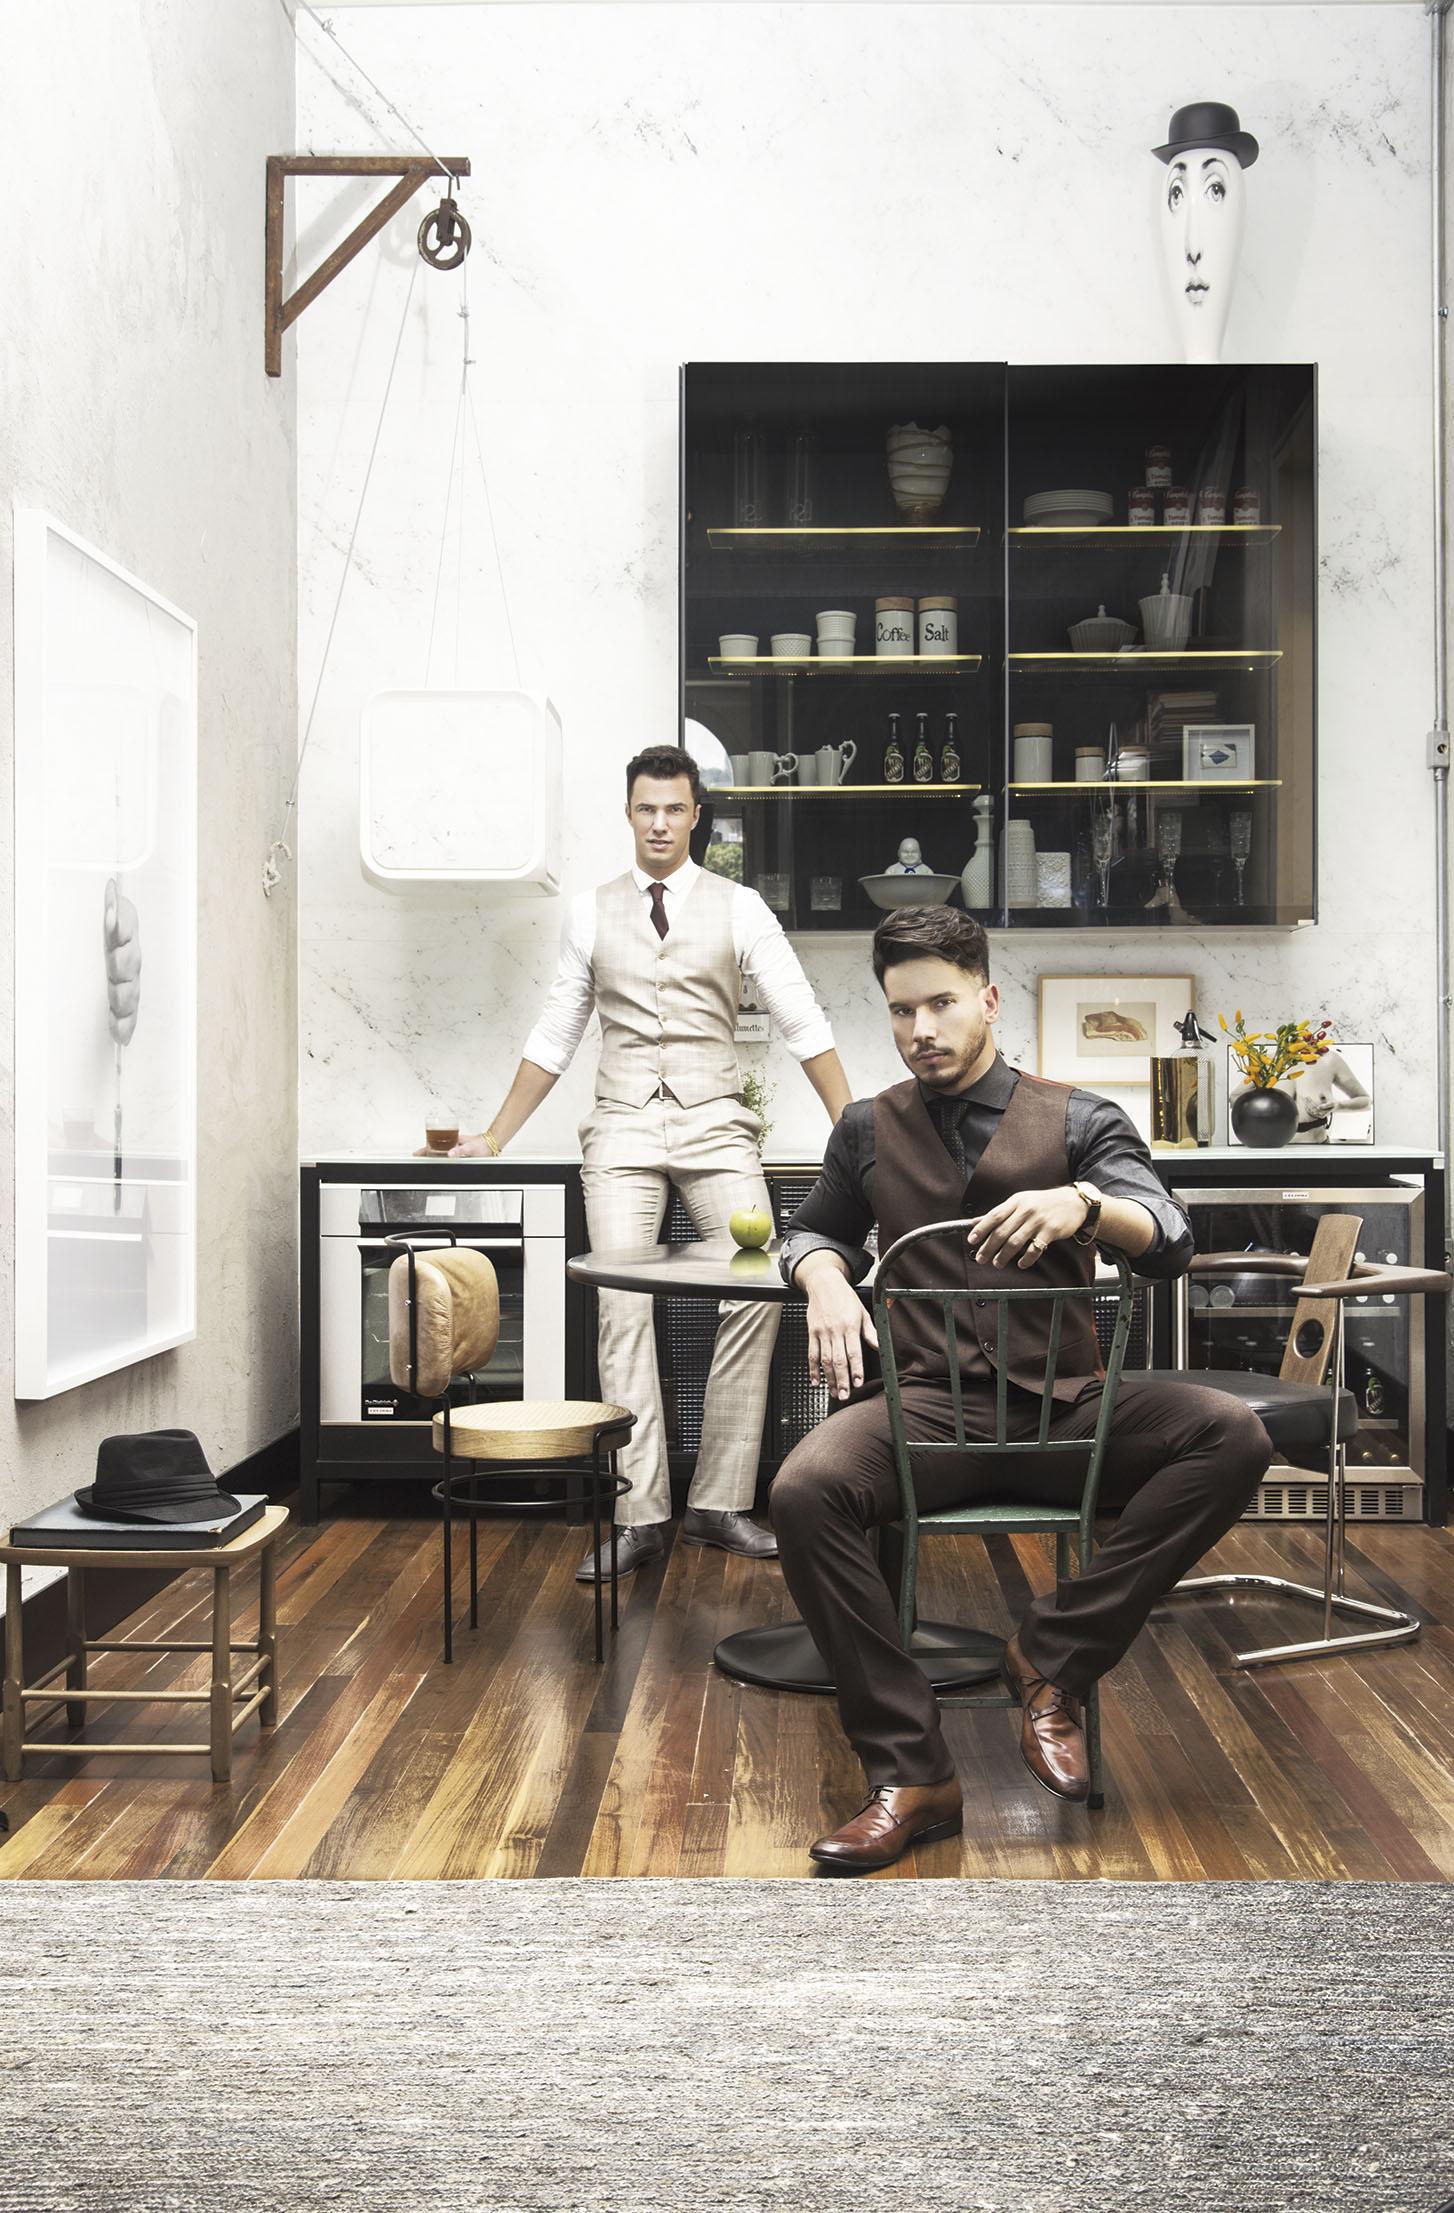 Cozinha 0017 04 Alta